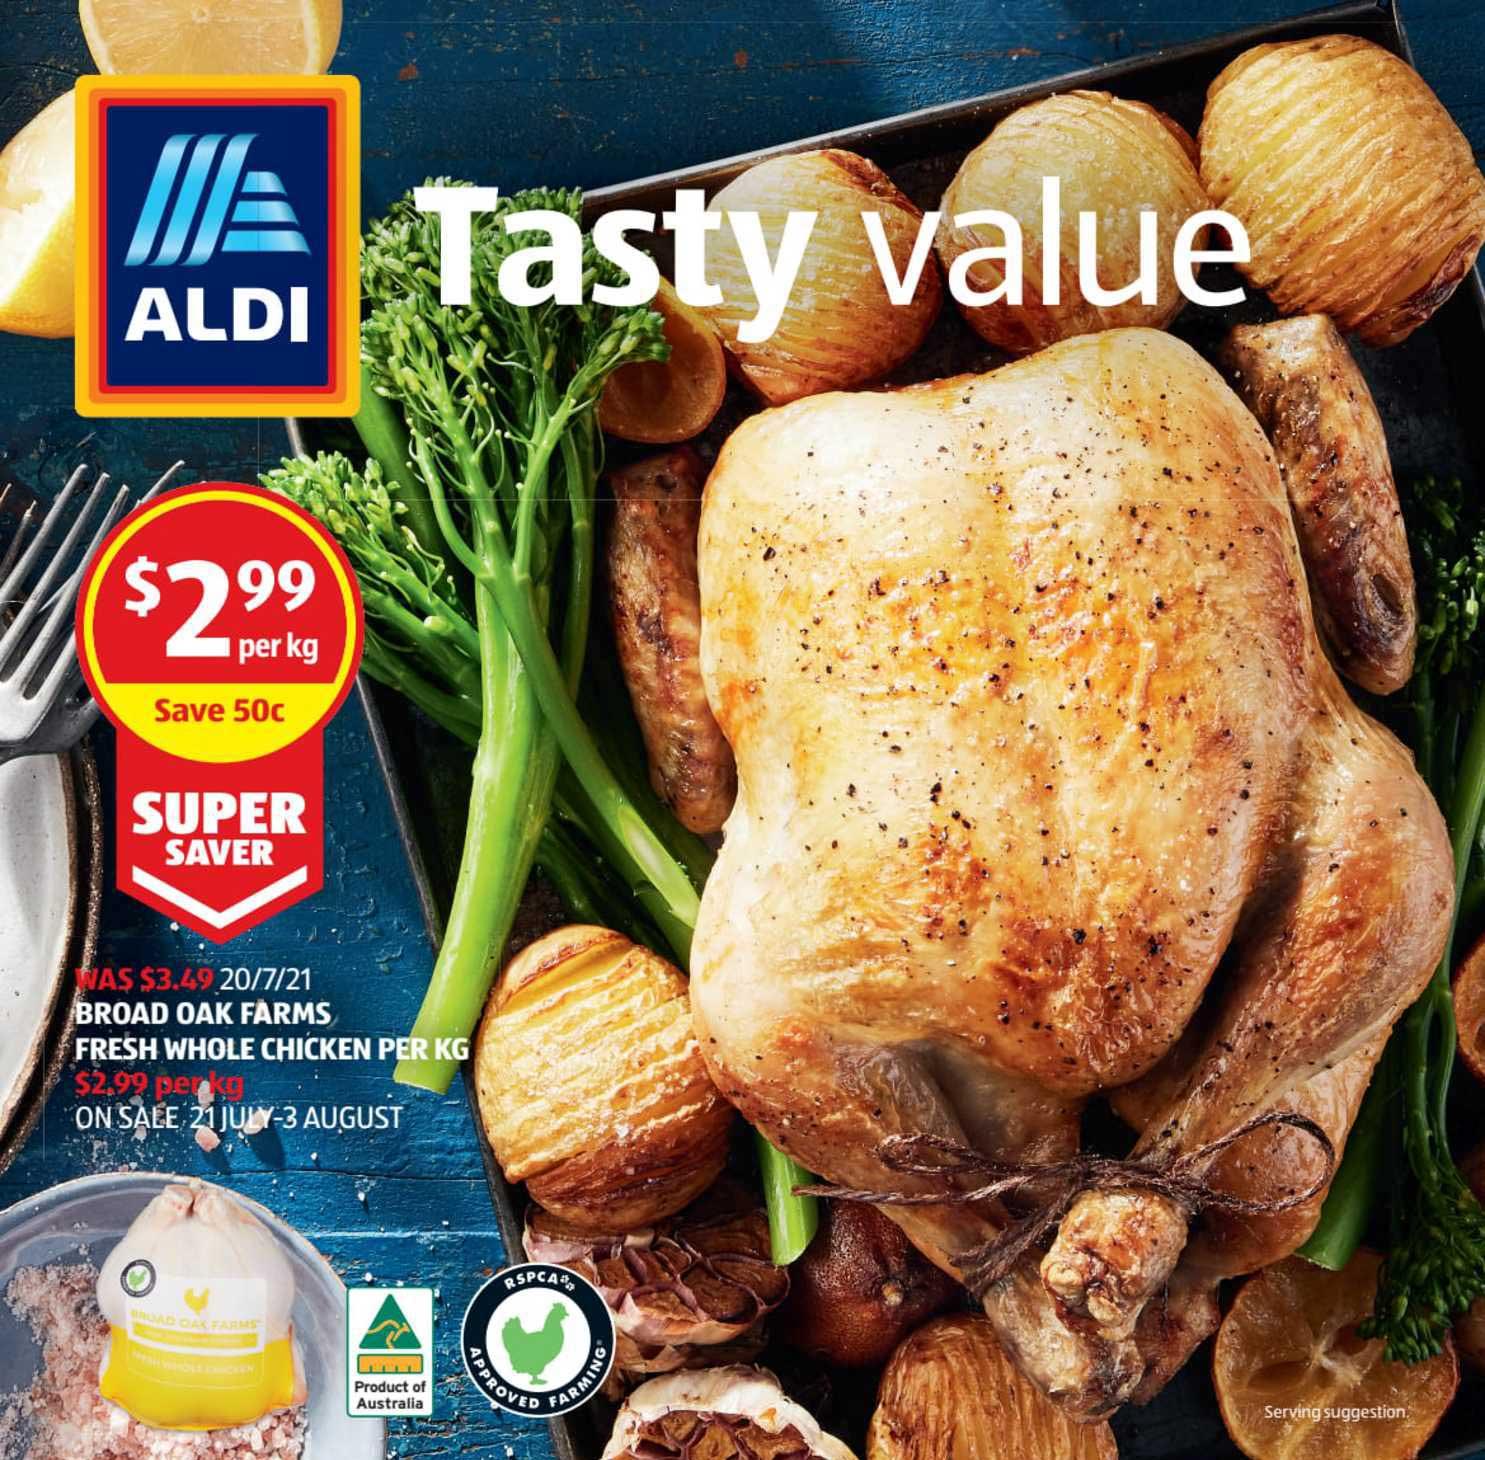 ALDI Broad Oak Farms Fresh Whole Chicken